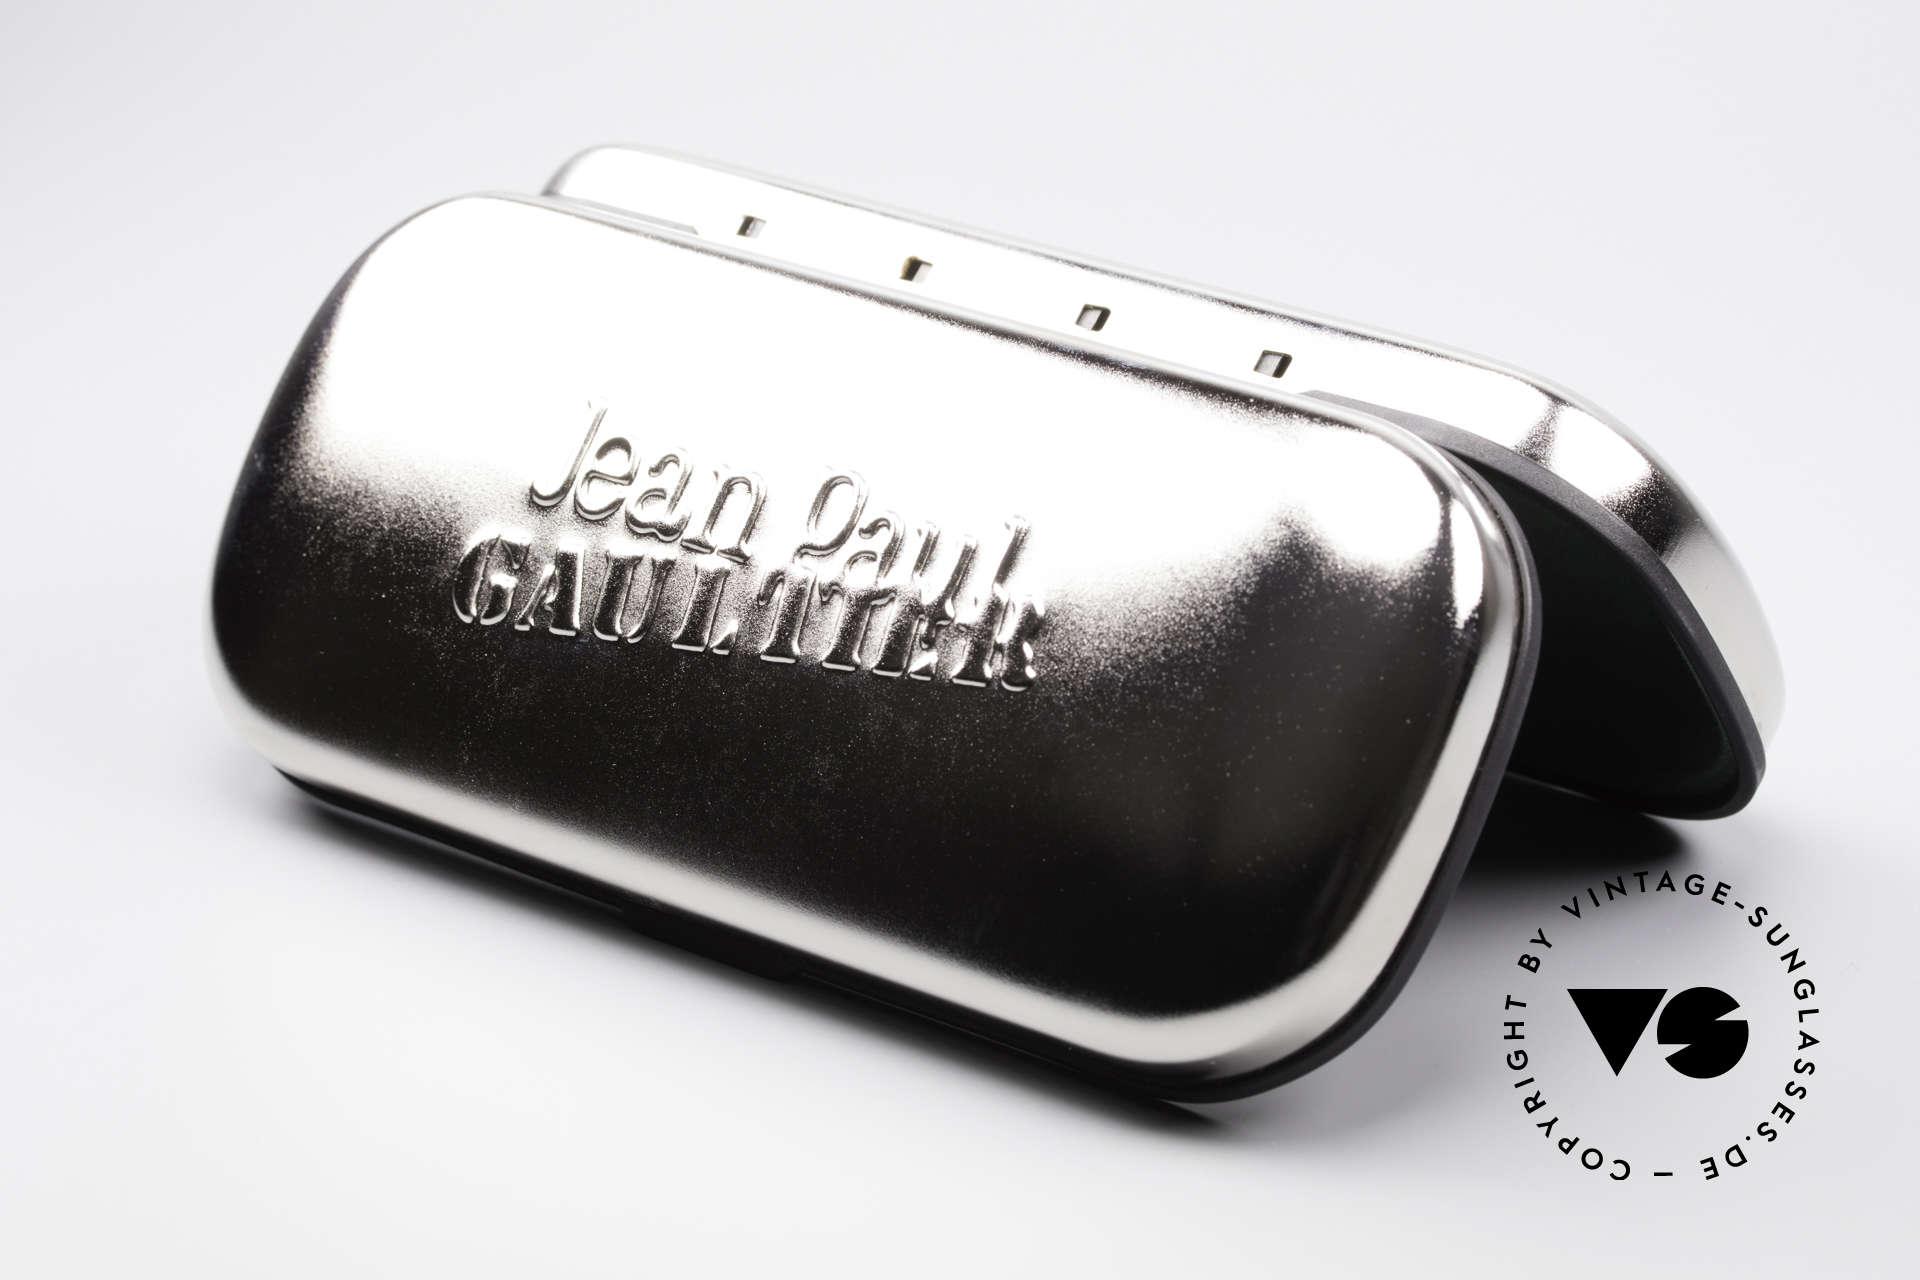 Jean Paul Gaultier 56-0002 Belt Buckle Frame Adjustable, Size: medium, Made for Men